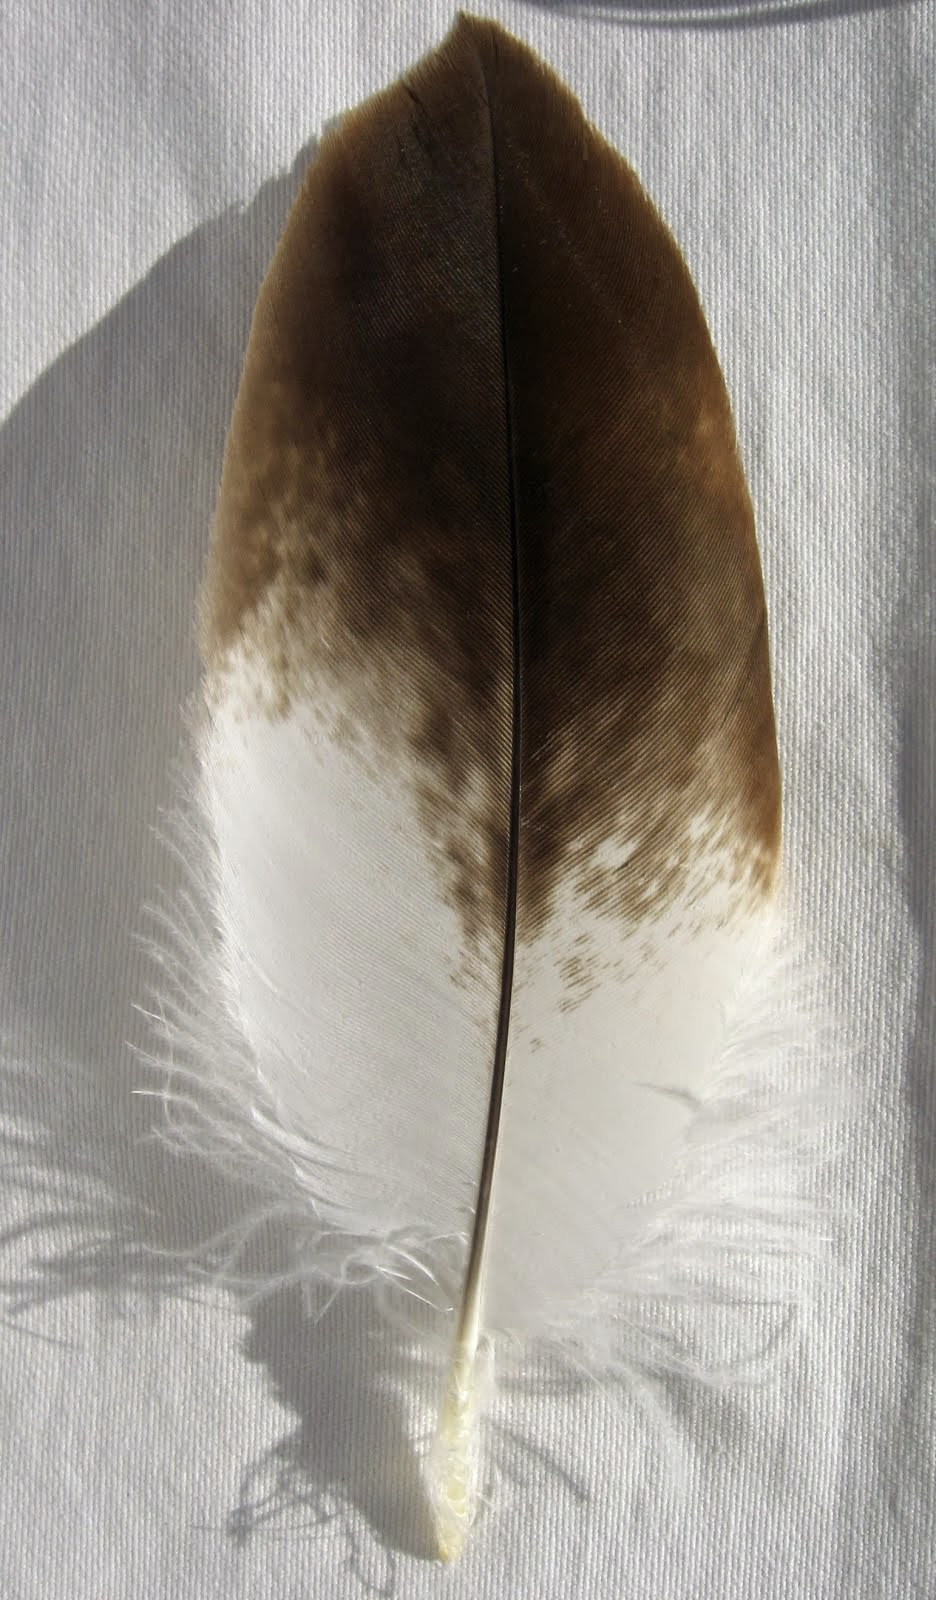 Feder von einem Steinadler